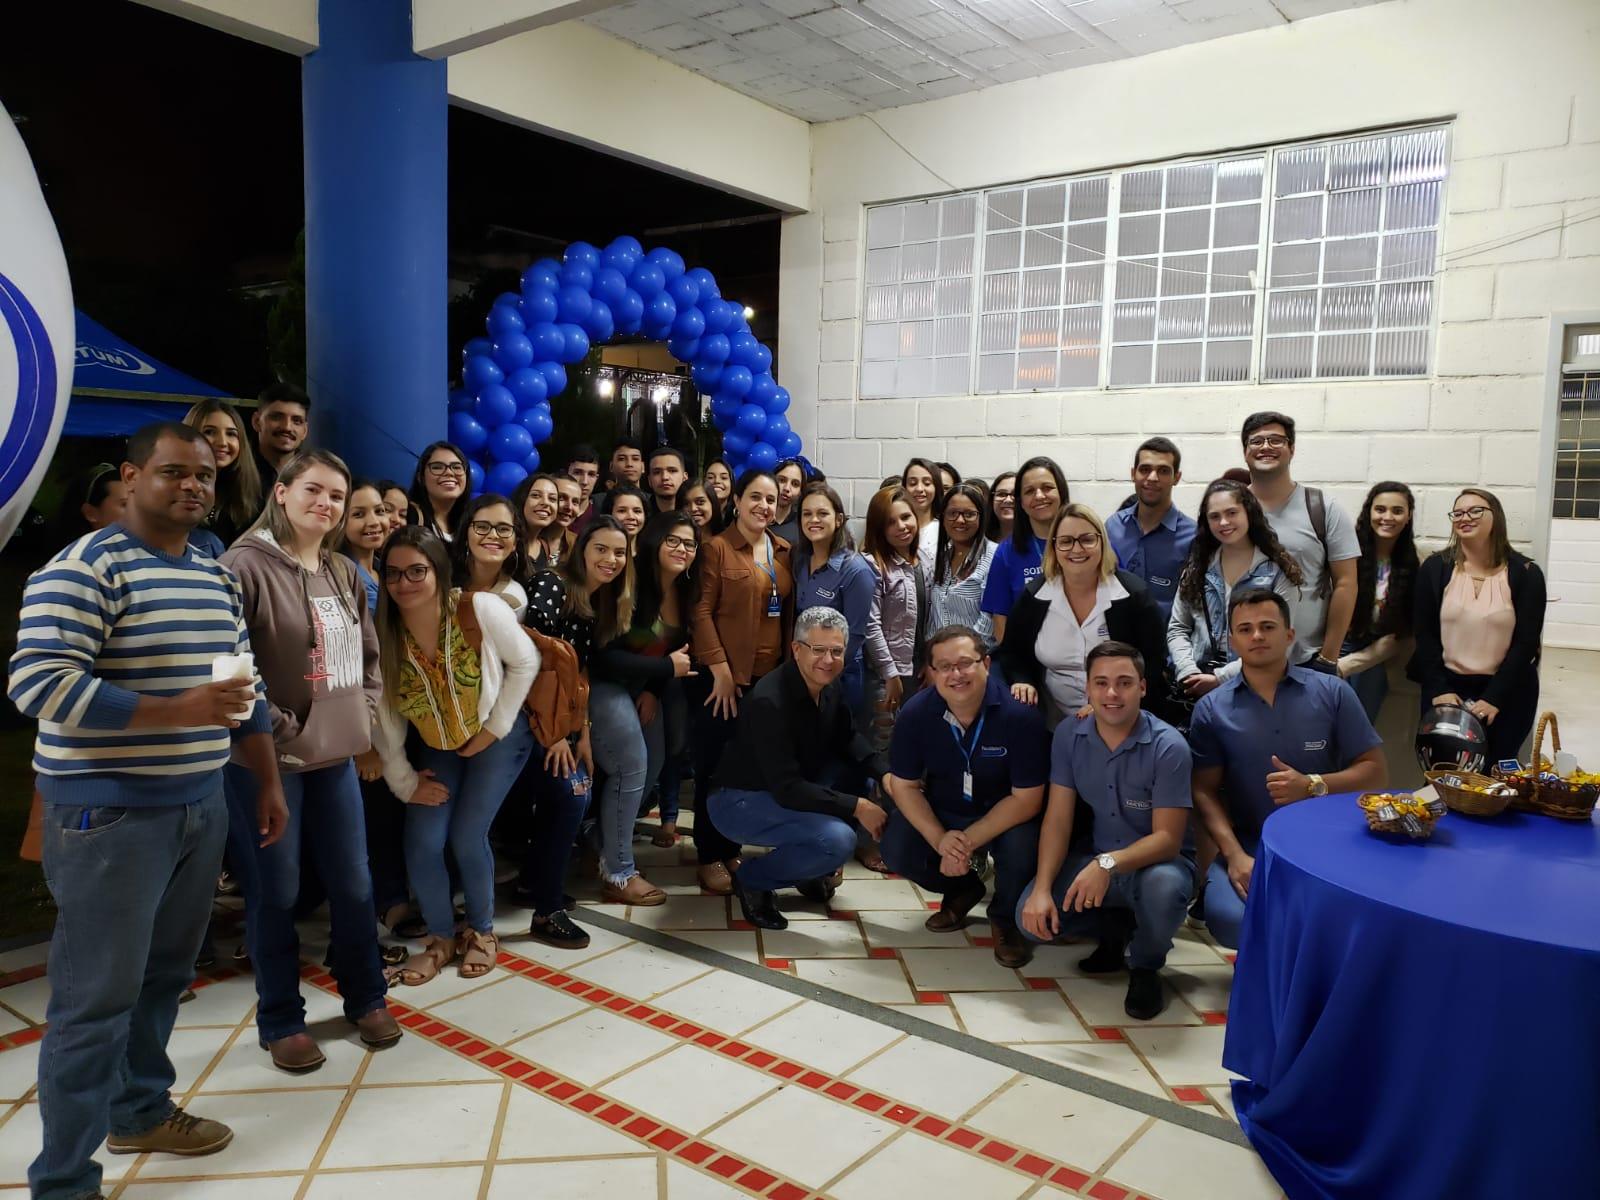 Unidades Doctum recebem novos alunos em recepções festivas